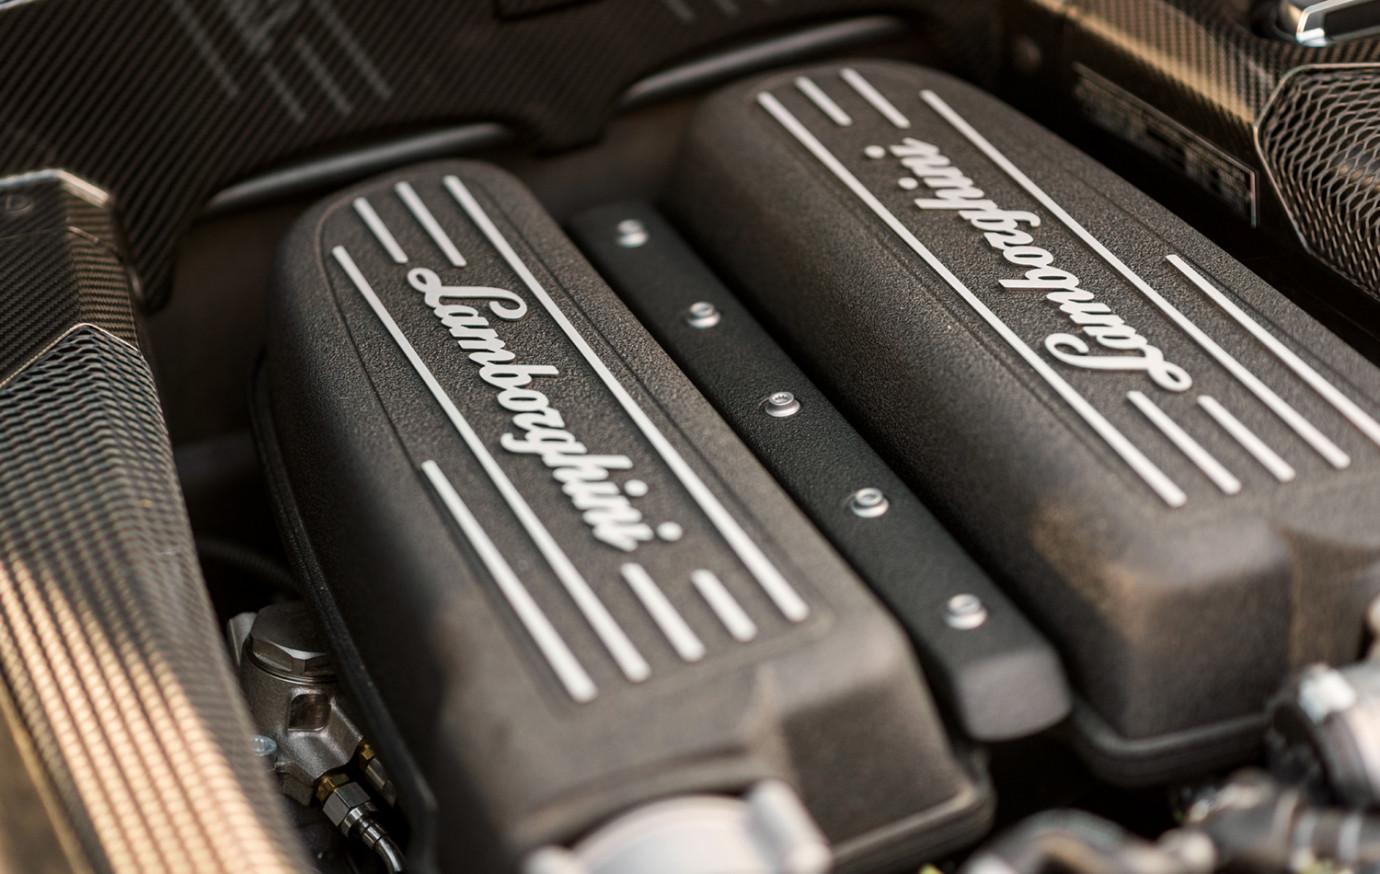 Carista_LamborghiniLP570-4-Superleggera_41